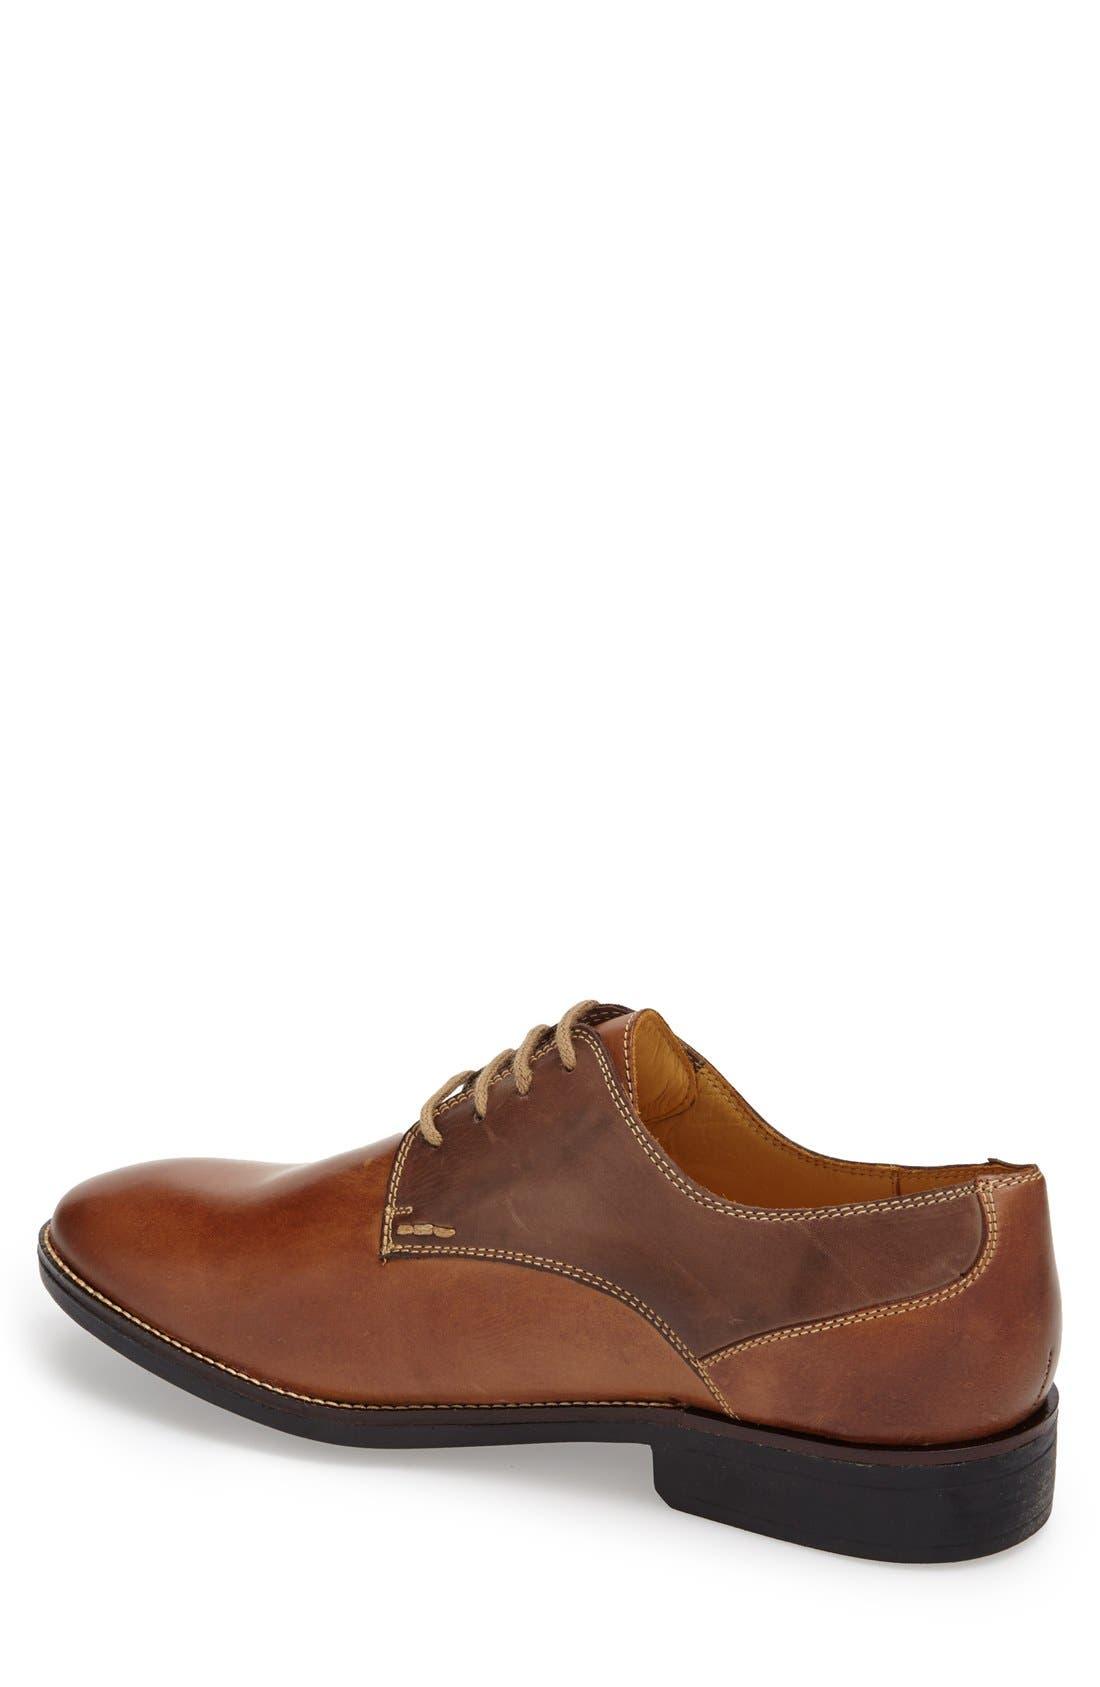 'Olsen' Plain Toe Derby,                             Alternate thumbnail 4, color,                             Brown